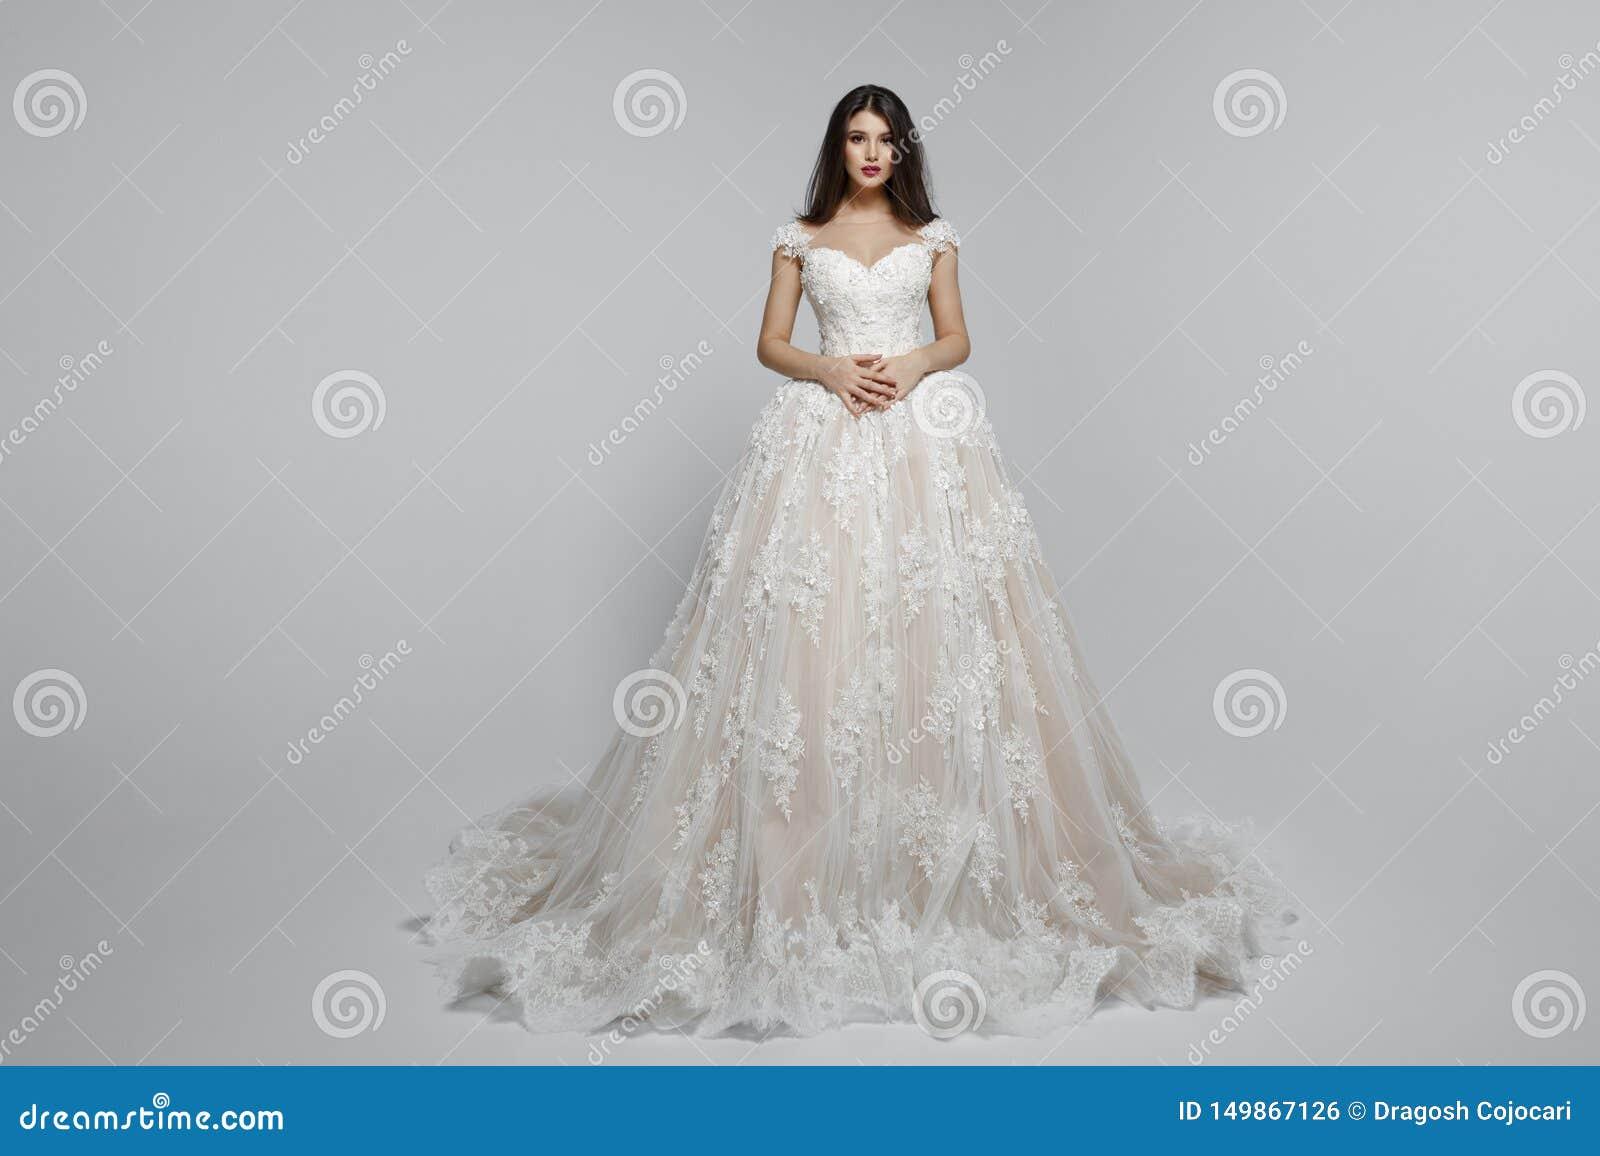 Frontal sikt av en fantastisk kvinnlig modell i wendding klänning för lång prinsessa som isoleras på en vit bakgrund